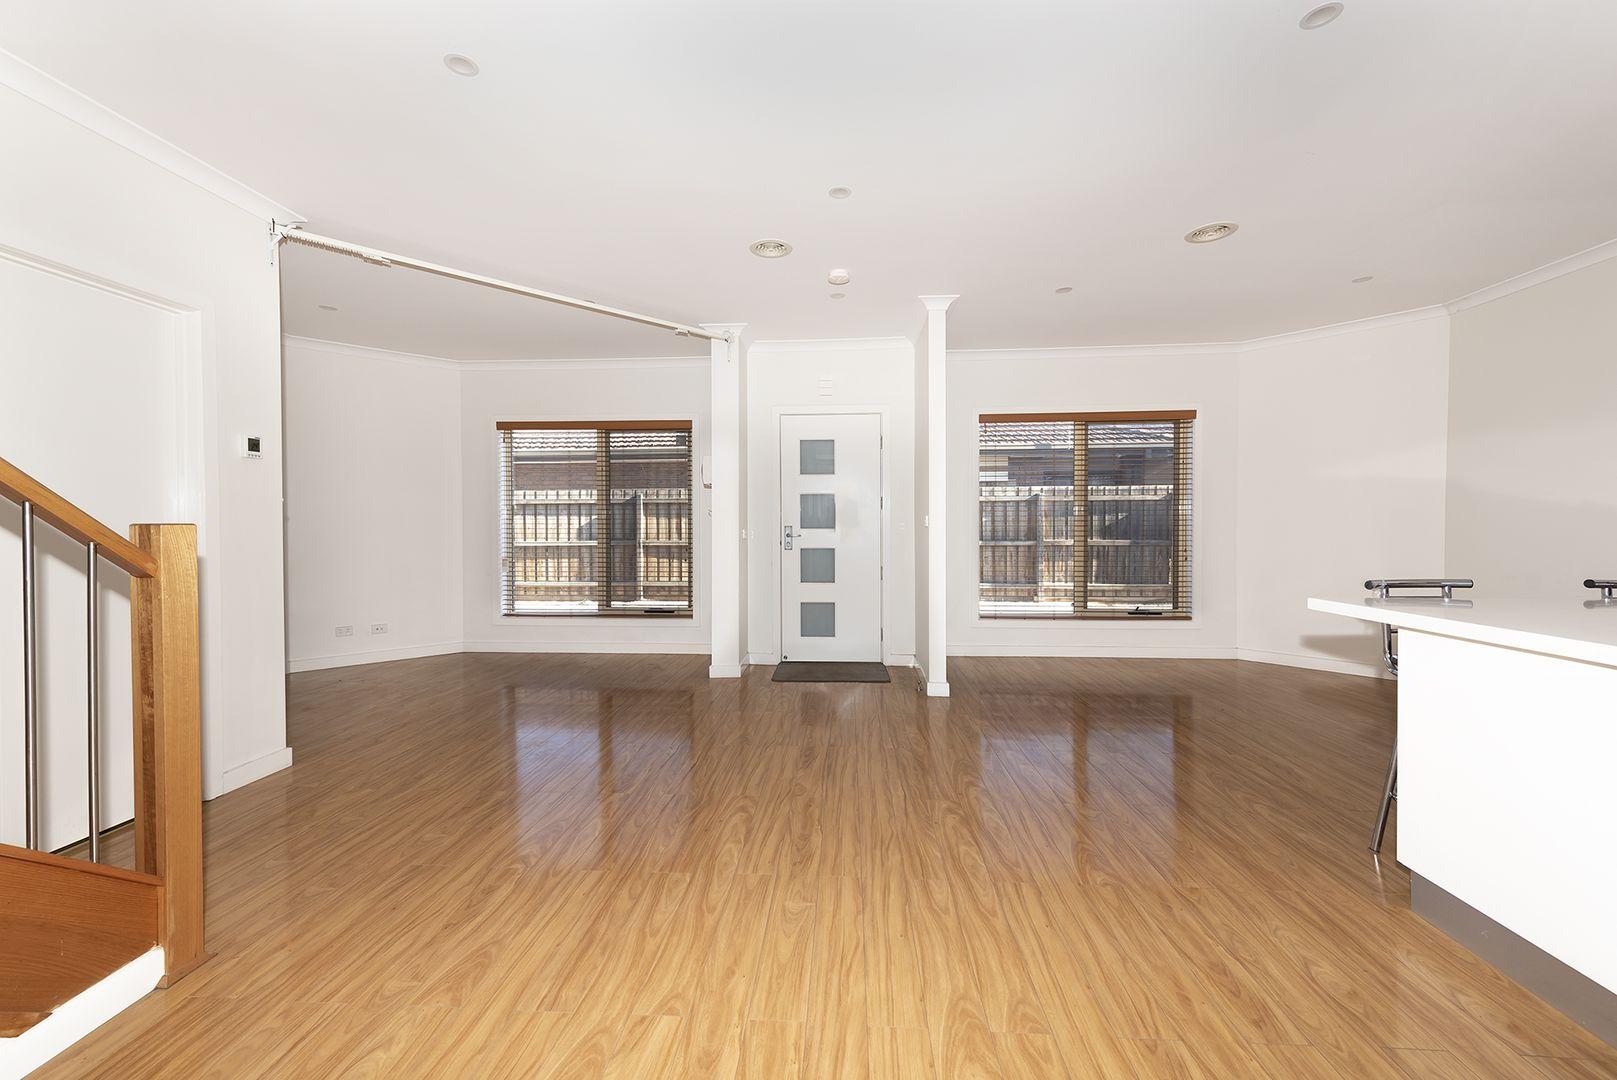 2/52 Eames Avenue, Brooklyn VIC 3012, Image 1